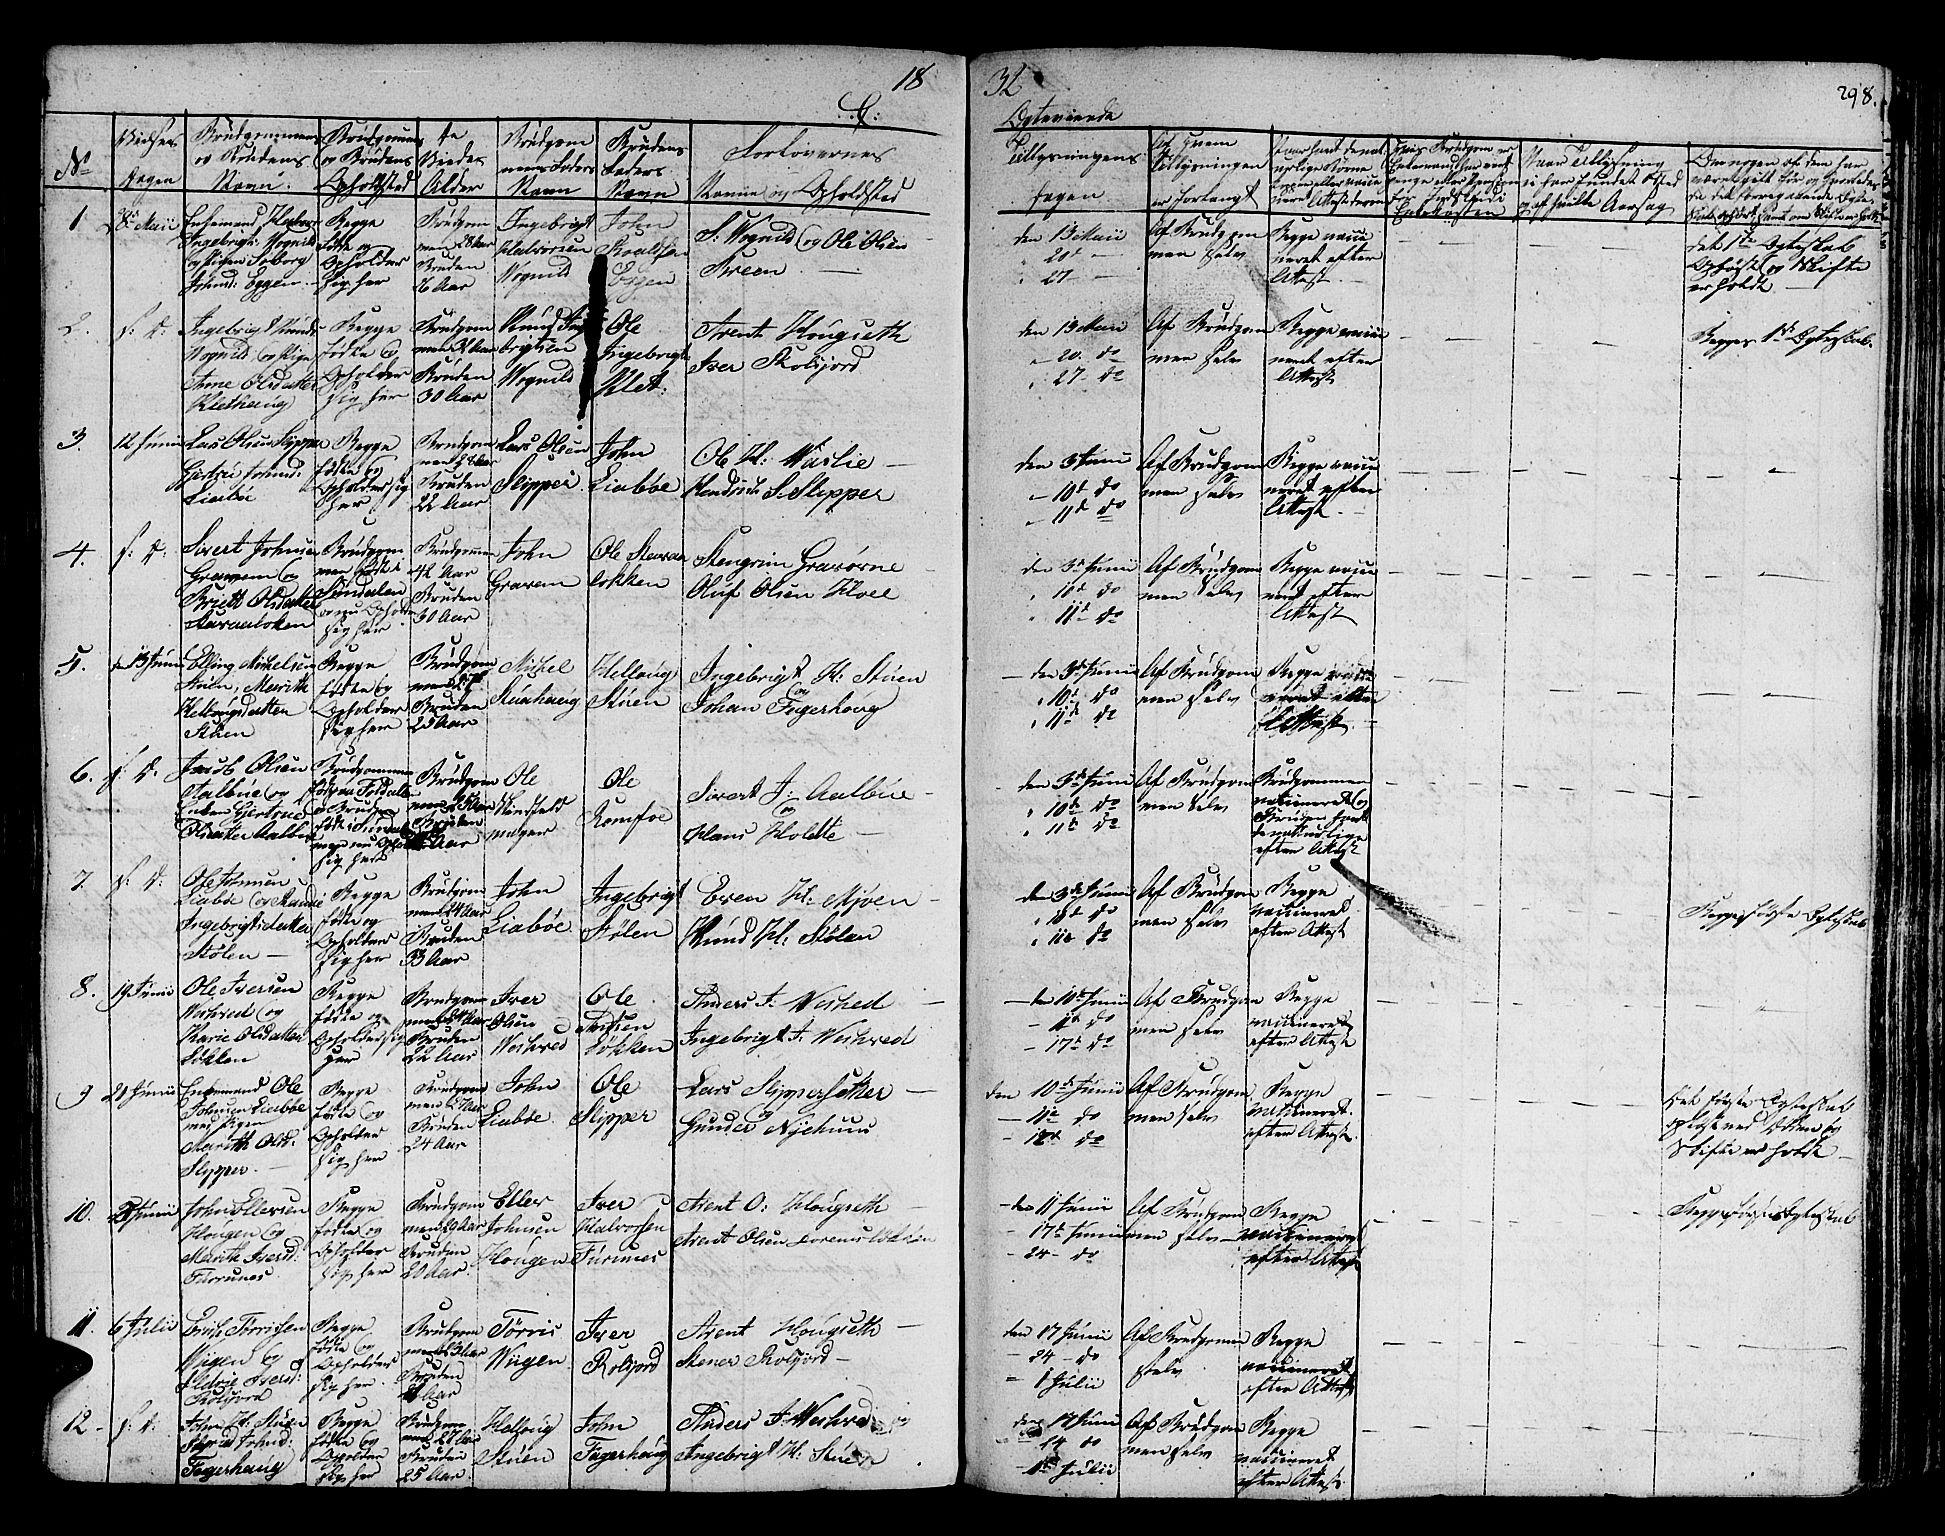 SAT, Ministerialprotokoller, klokkerbøker og fødselsregistre - Sør-Trøndelag, 678/L0897: Ministerialbok nr. 678A06-07, 1821-1847, s. 298